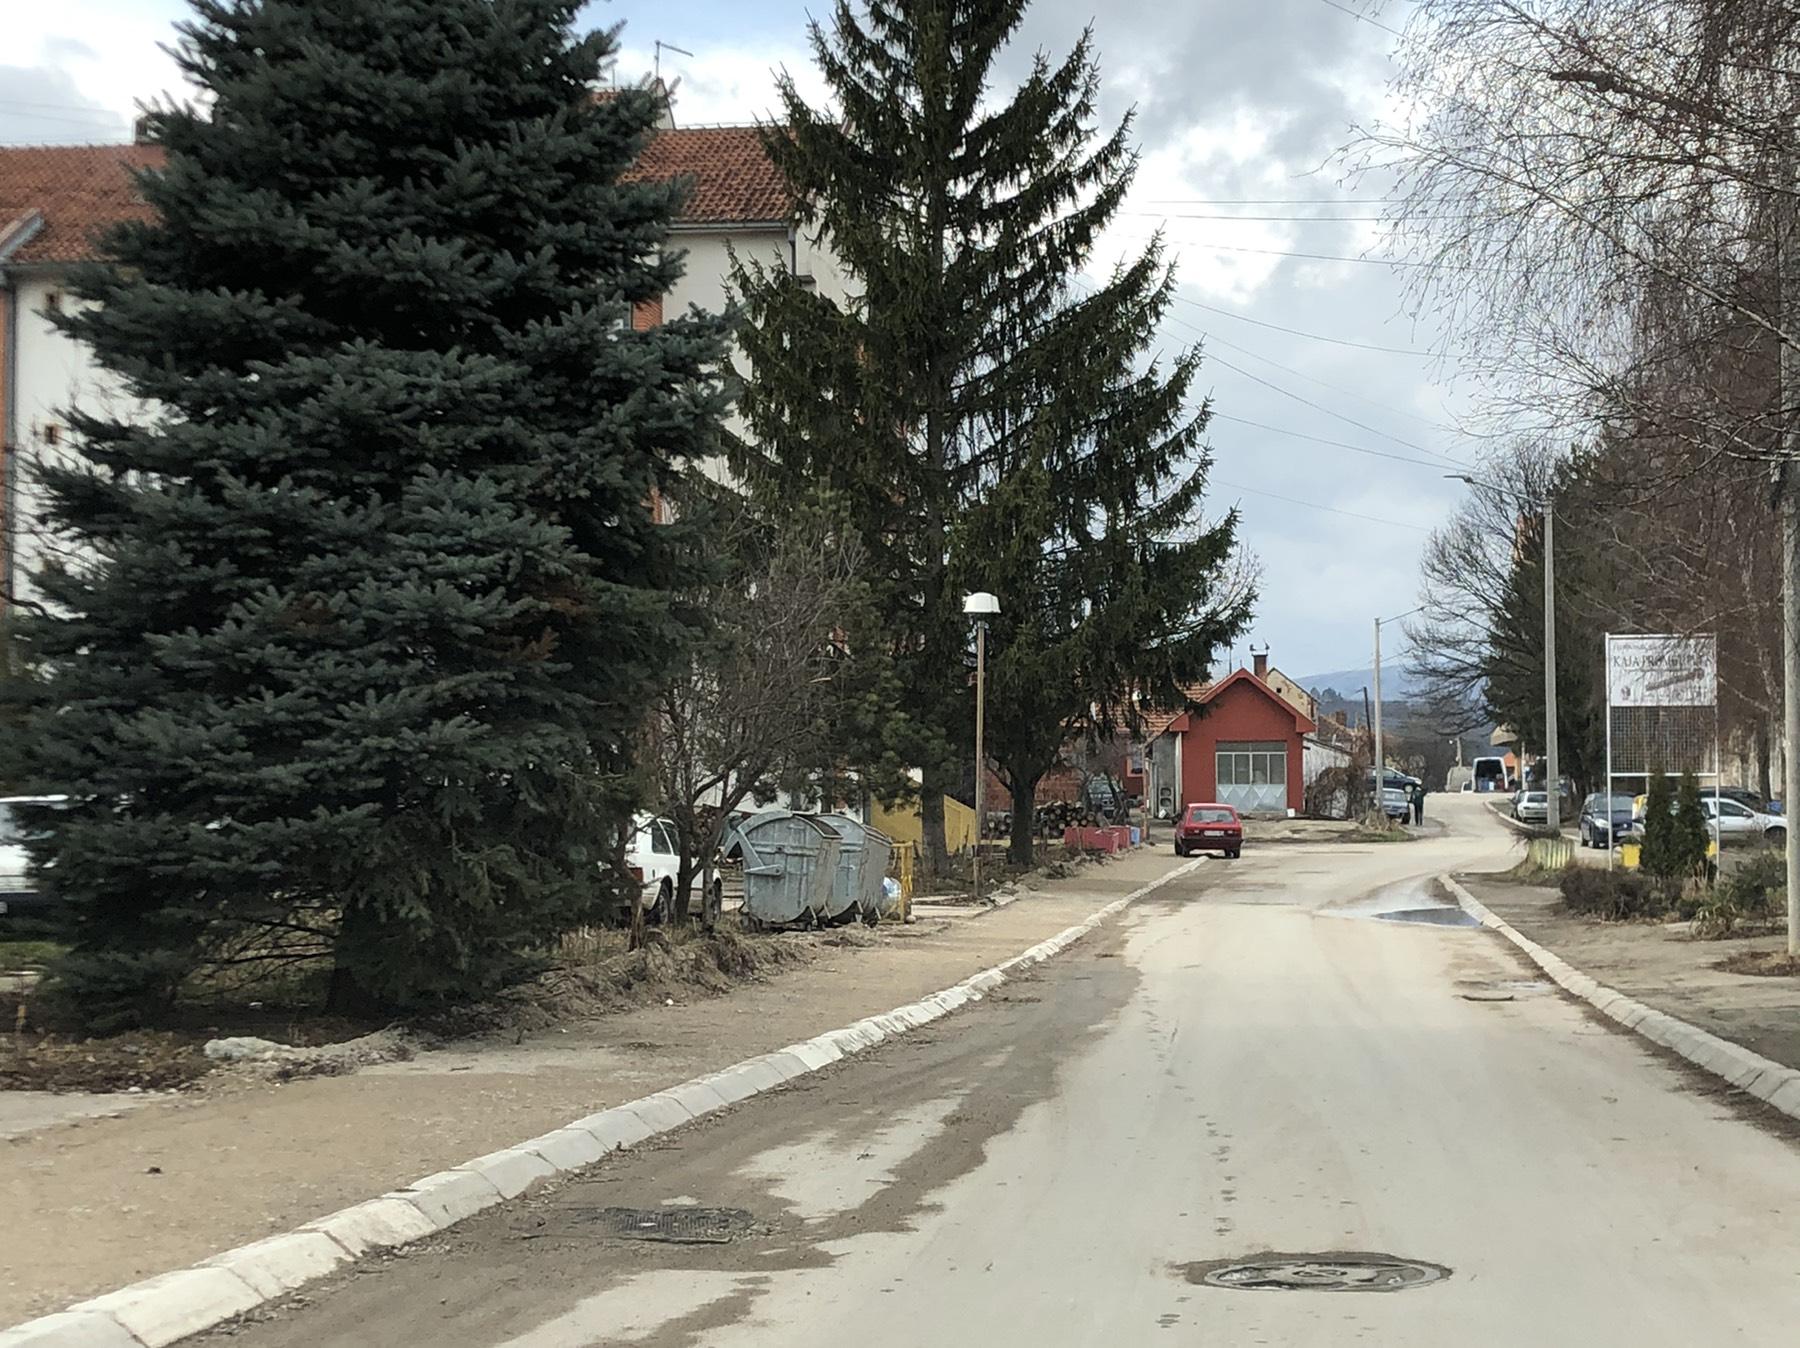 Izgradnja trotoara u Prvomajskoj ulici, foto: Svrljiške novine